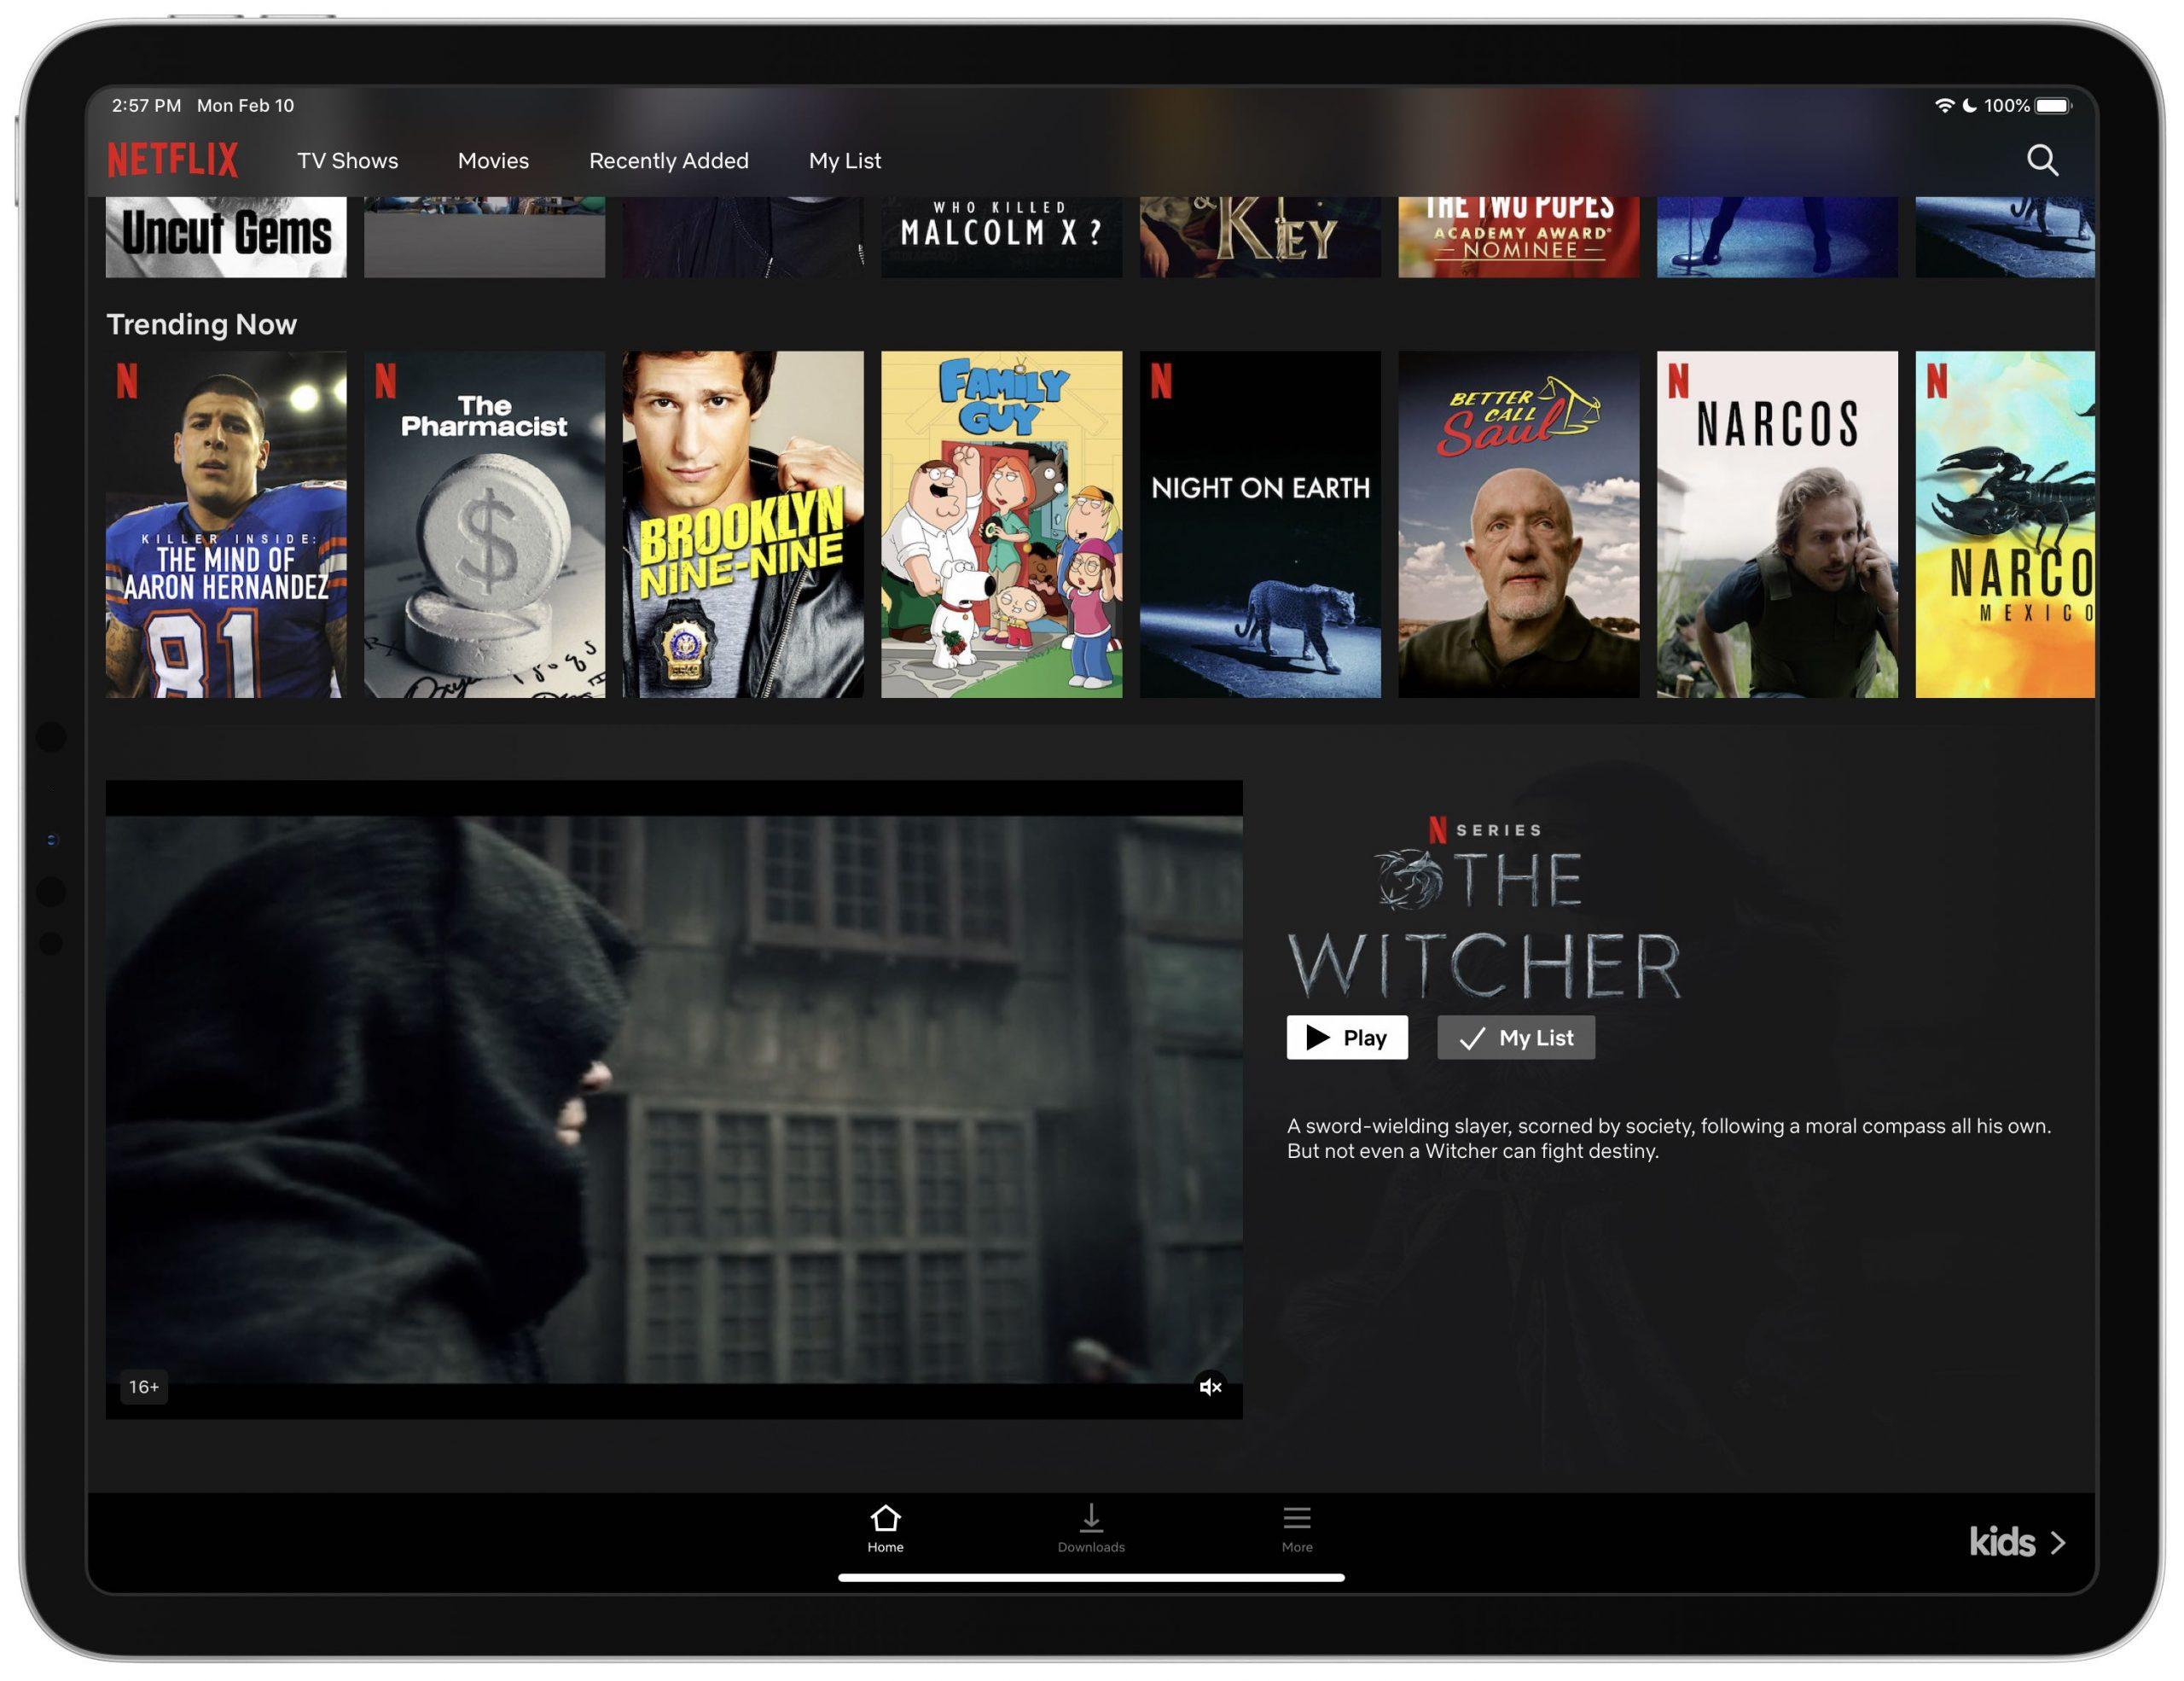 Configuración de vista previa para la reproducción automática de Netflix